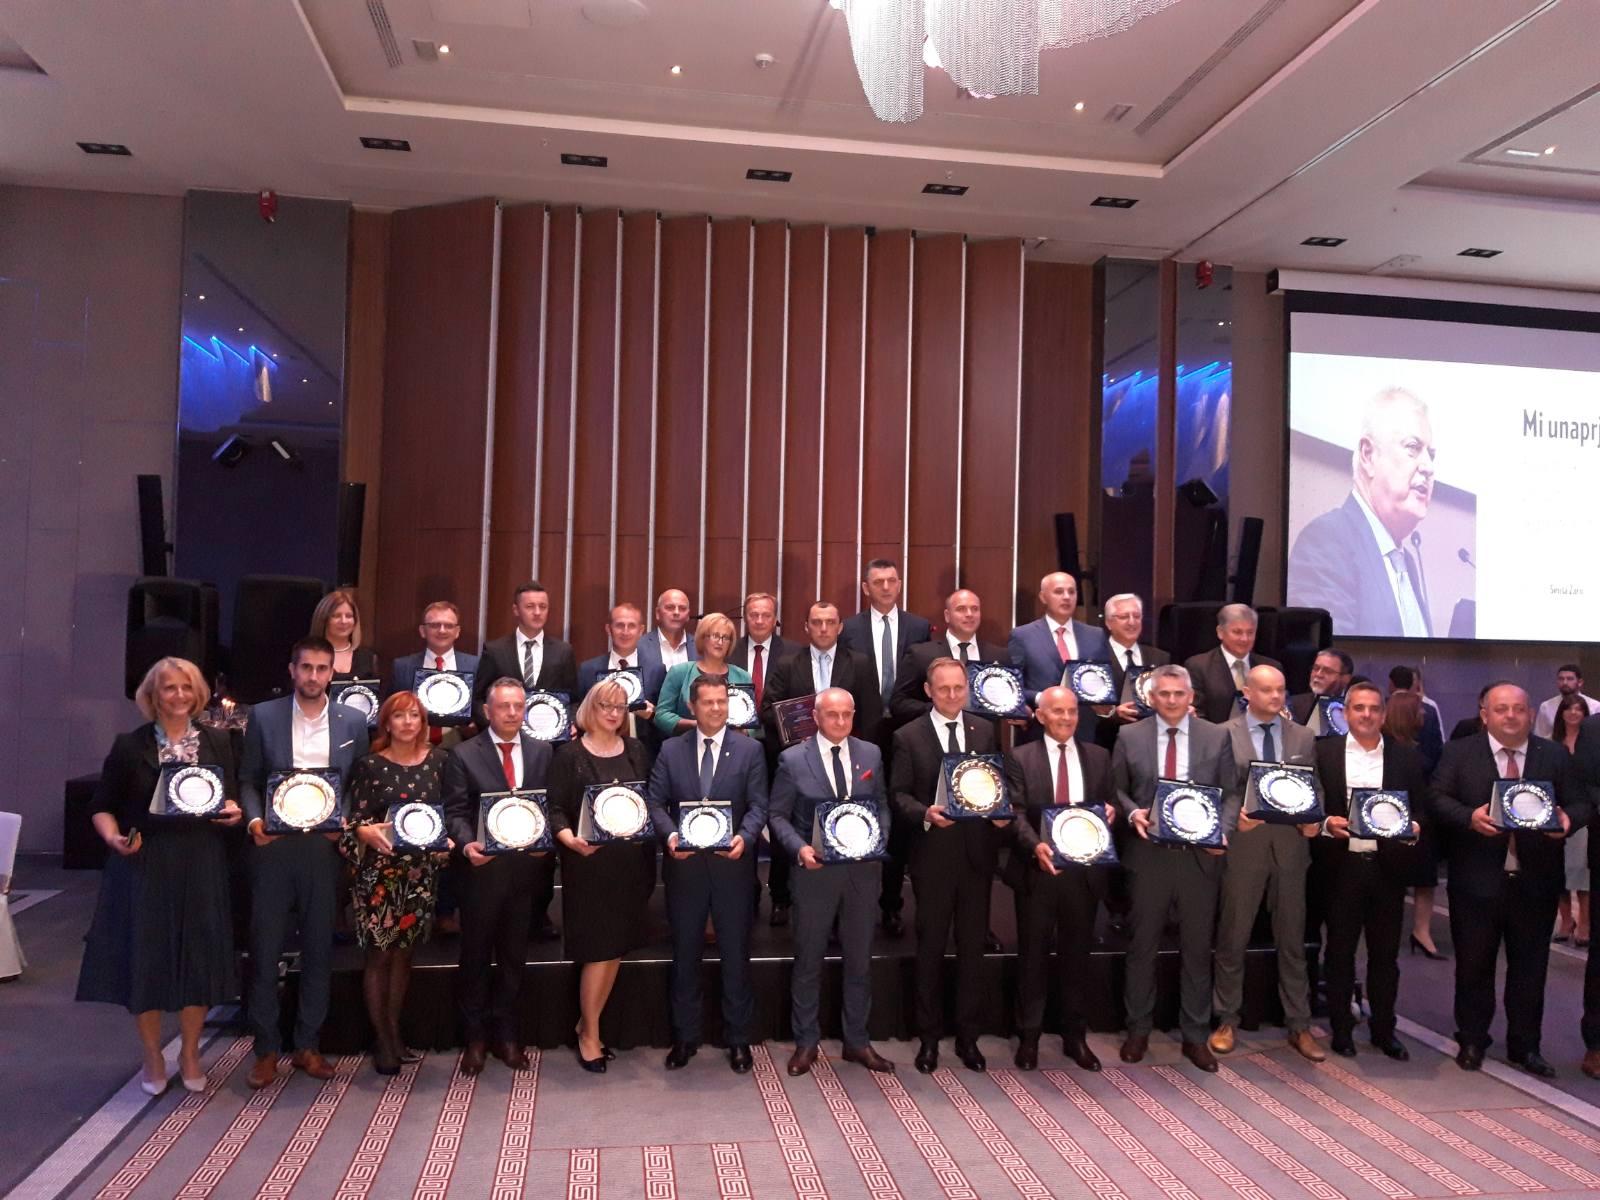 """Svečanost dodele nagrada i priznanja """"GlobalLocal"""" u okviru zvaničnog programa Svetskog kongresa preduzetnika"""